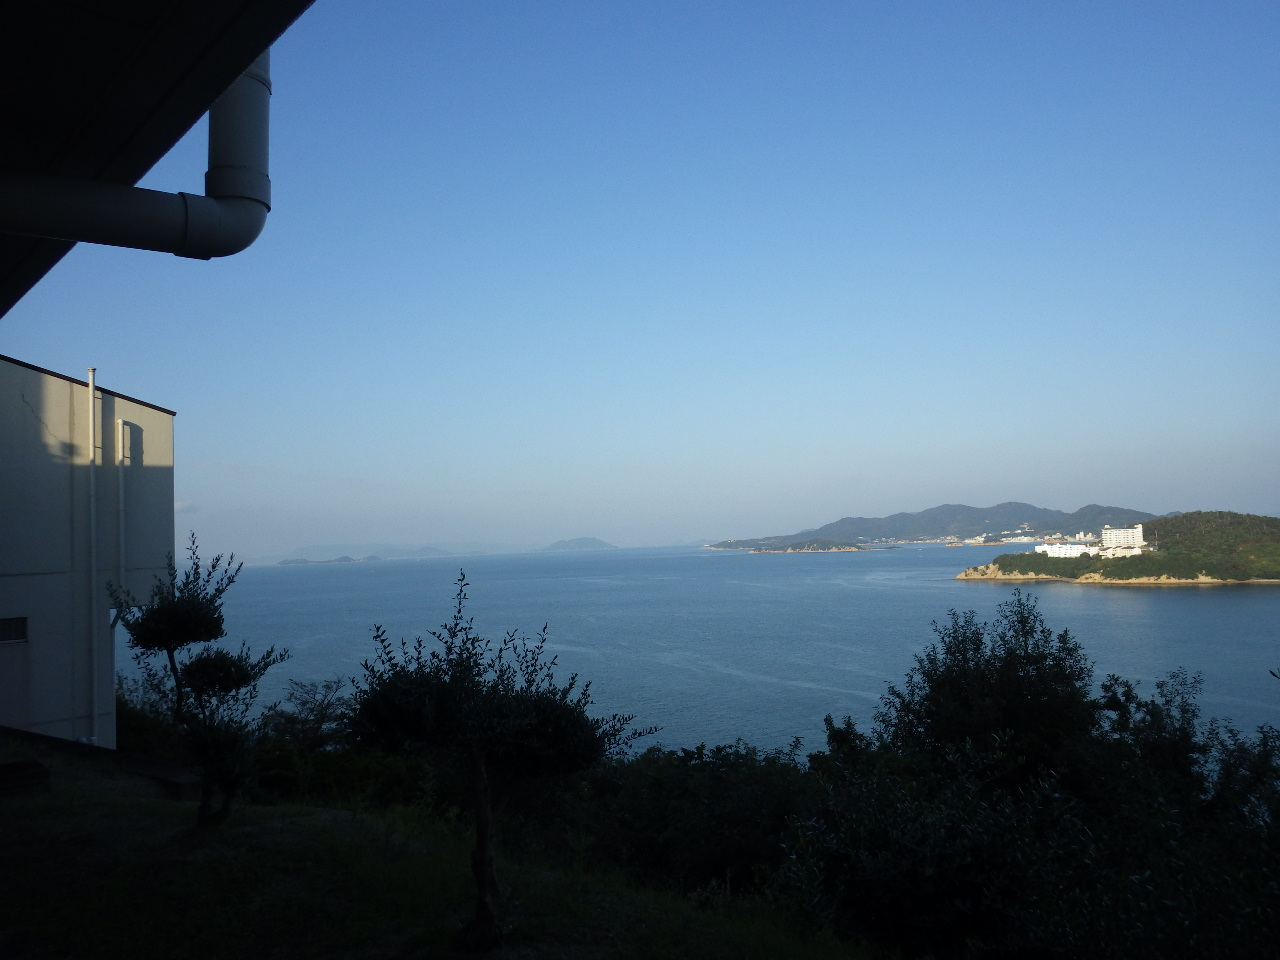 http://www.shonan-ls.co.jp/blog/landscape/img/RIMG0285.JPG